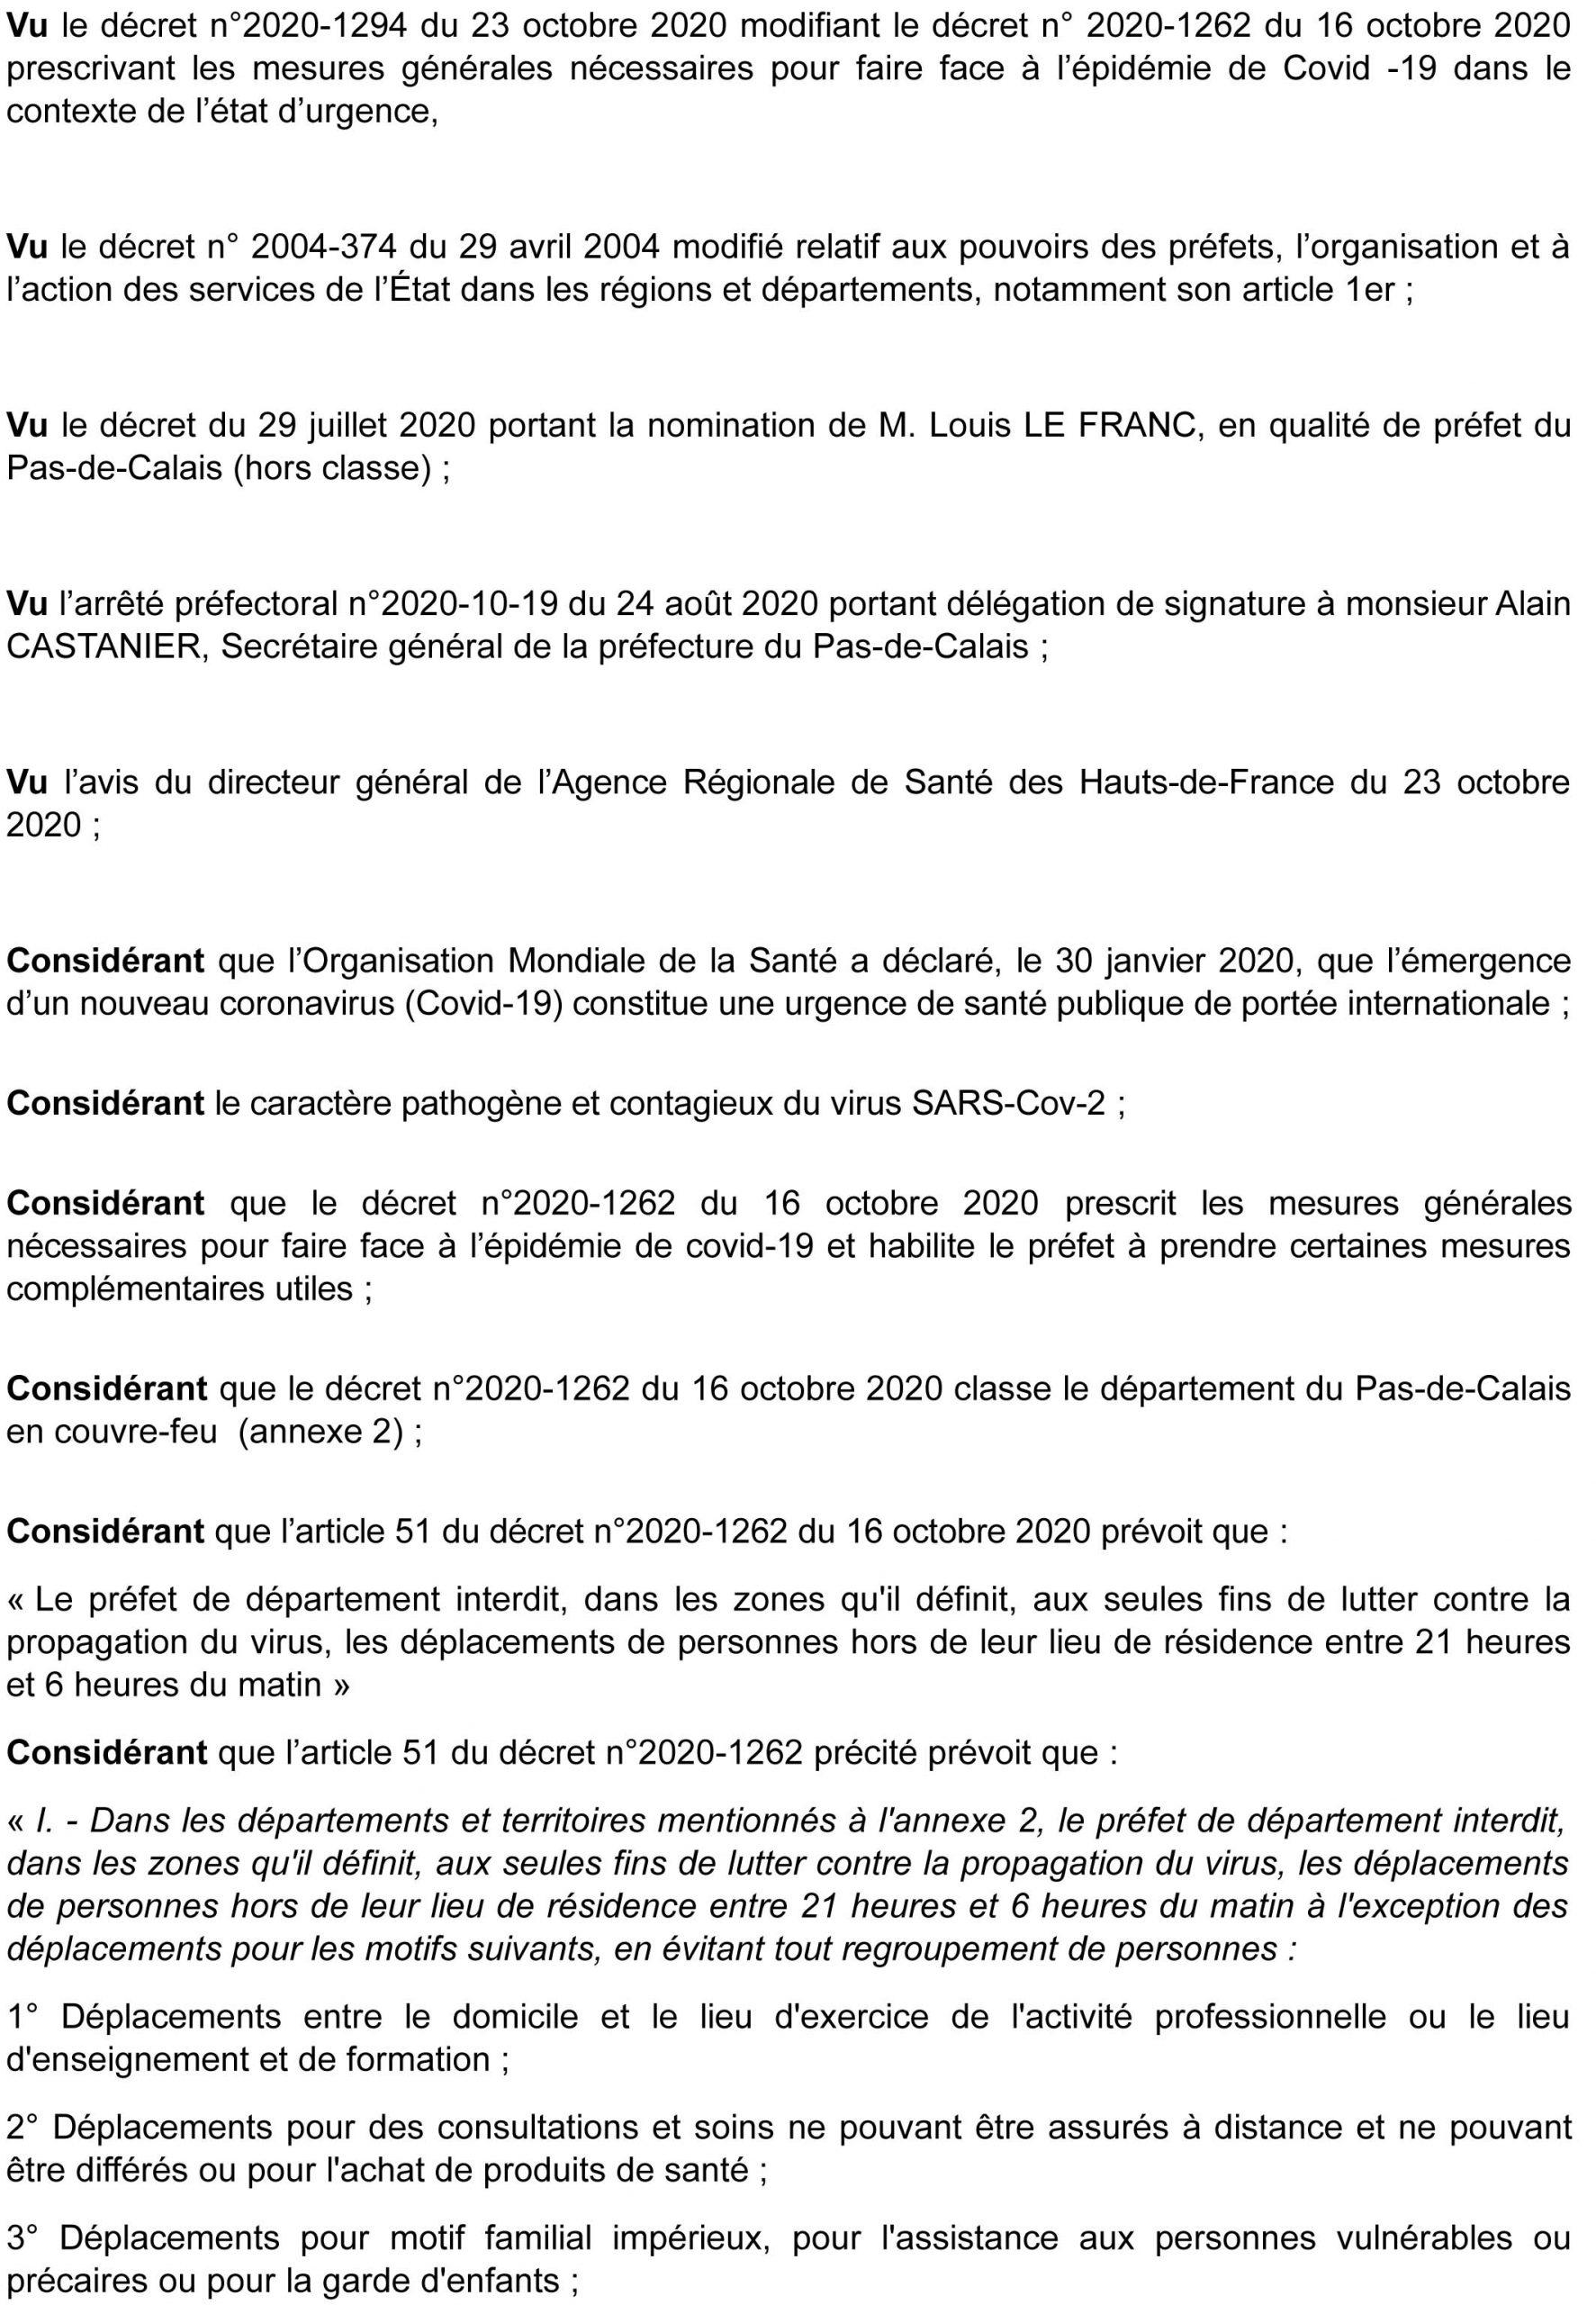 Arrete_prefectoral_du_24_octobre_2020-4